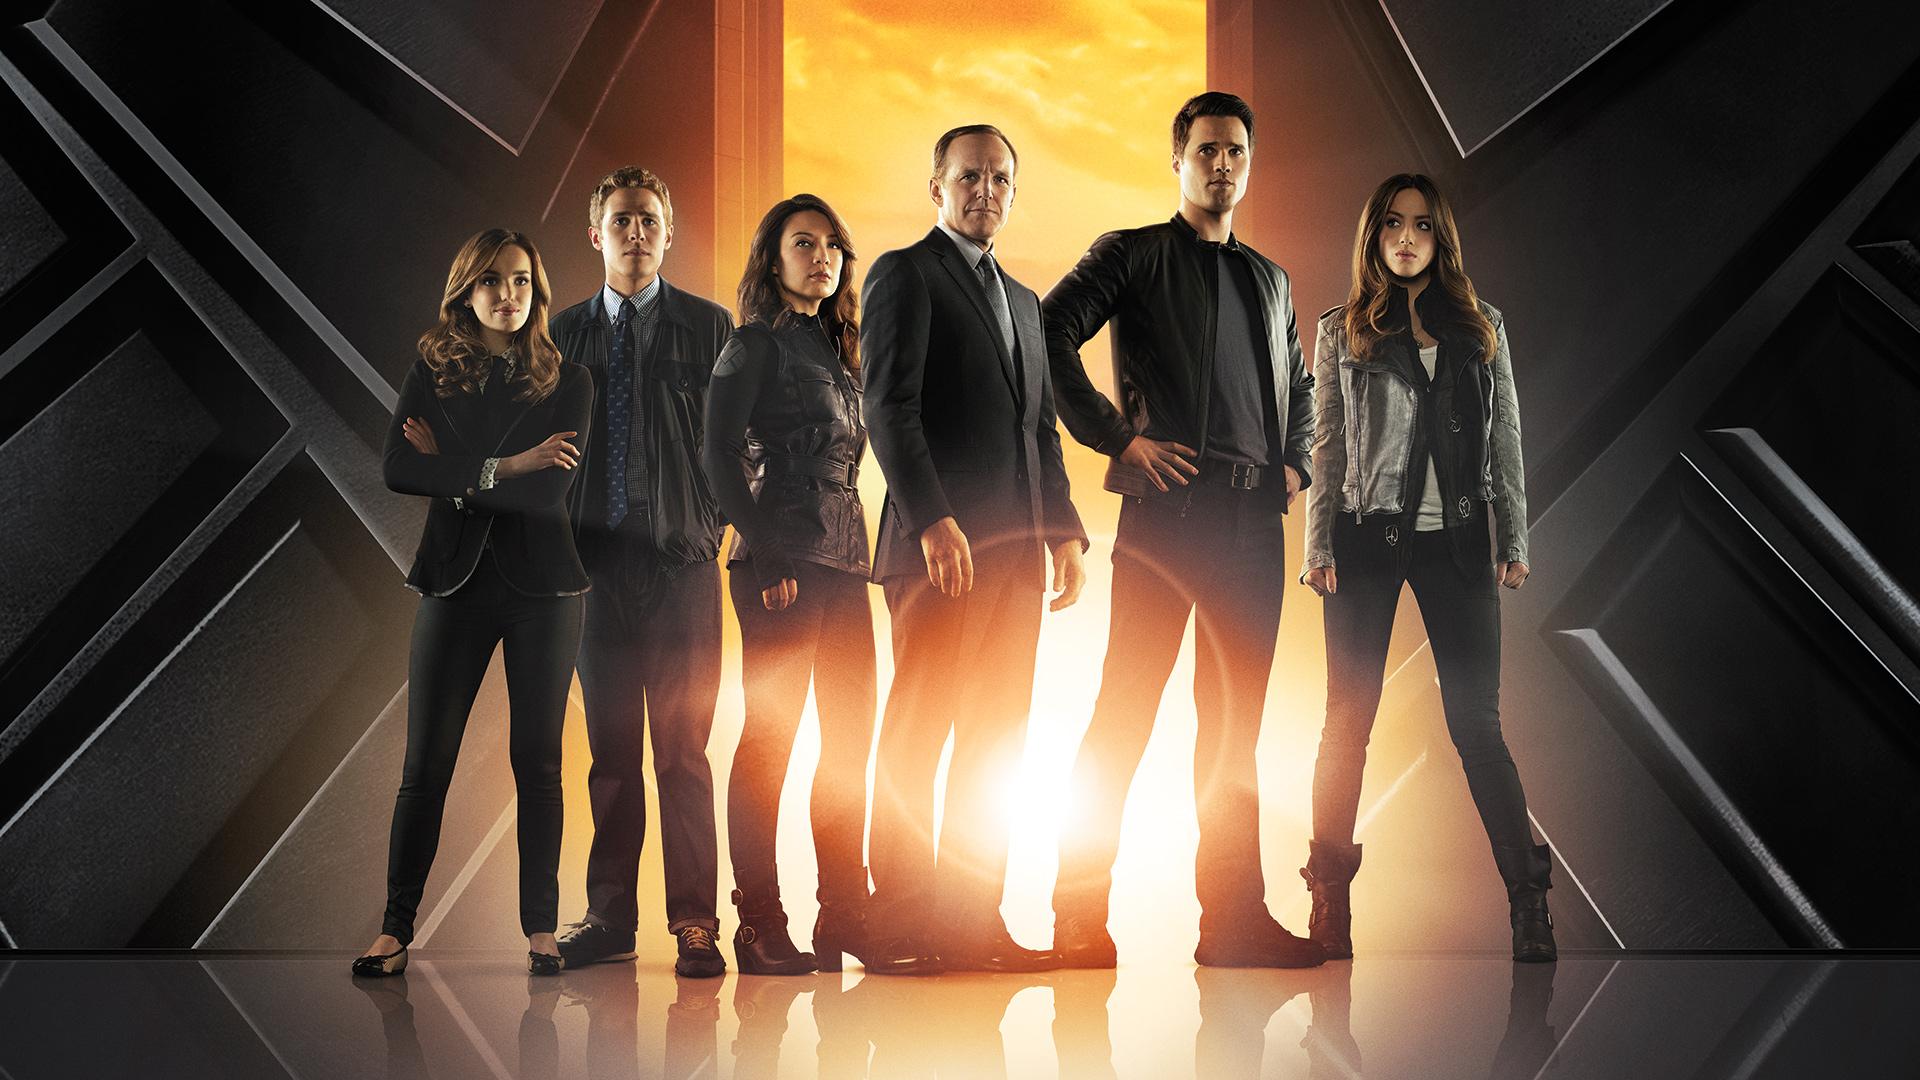 Agents of SHIELD season 2 sneak peek trailer